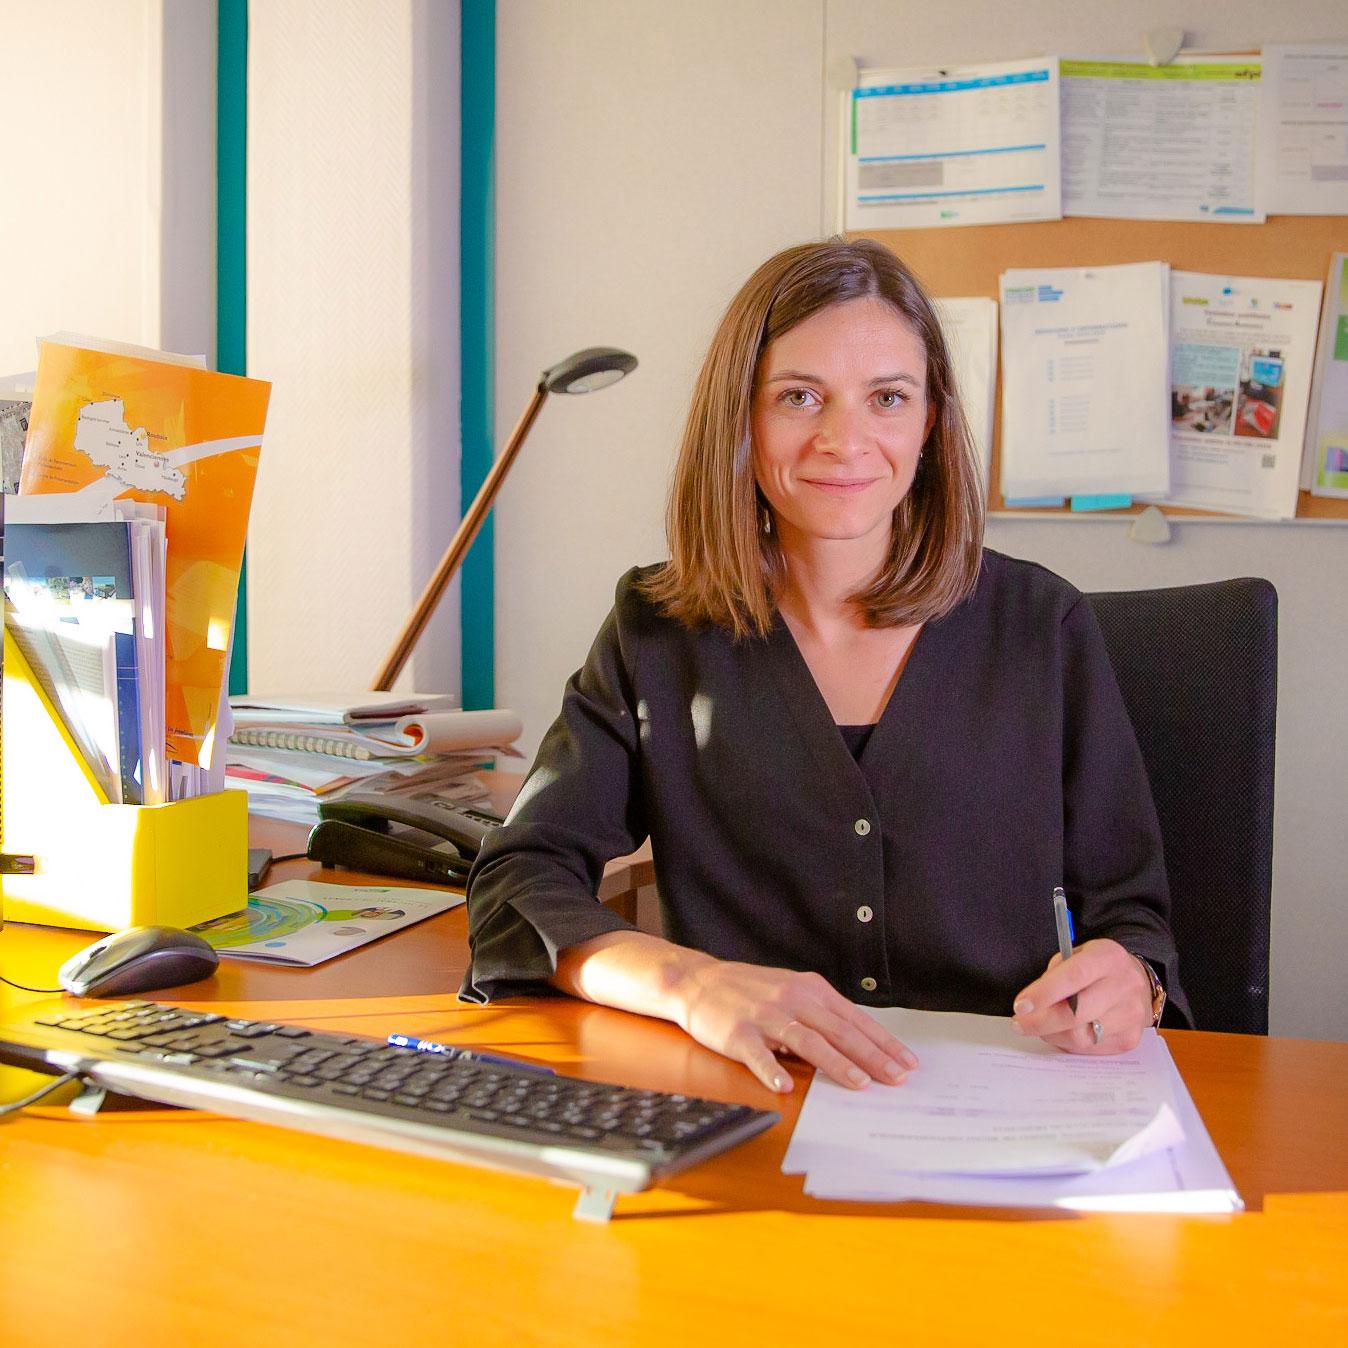 Aurélie Samain